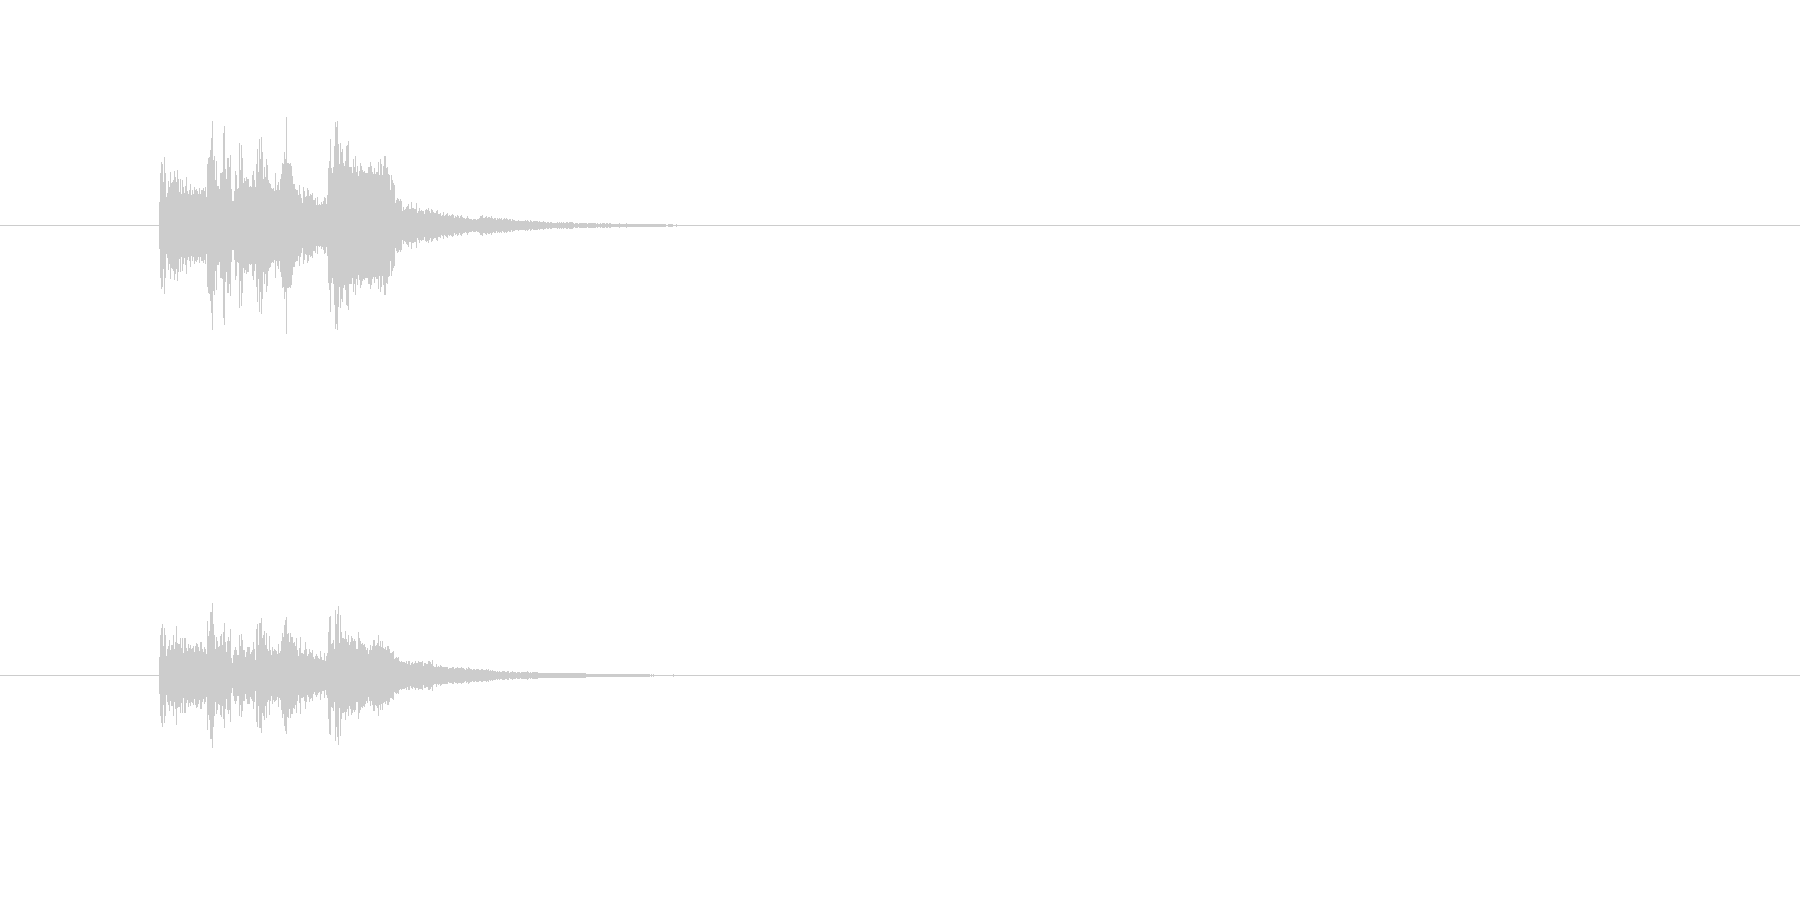 トランペット ドラム 華やか 明るいの未再生の波形